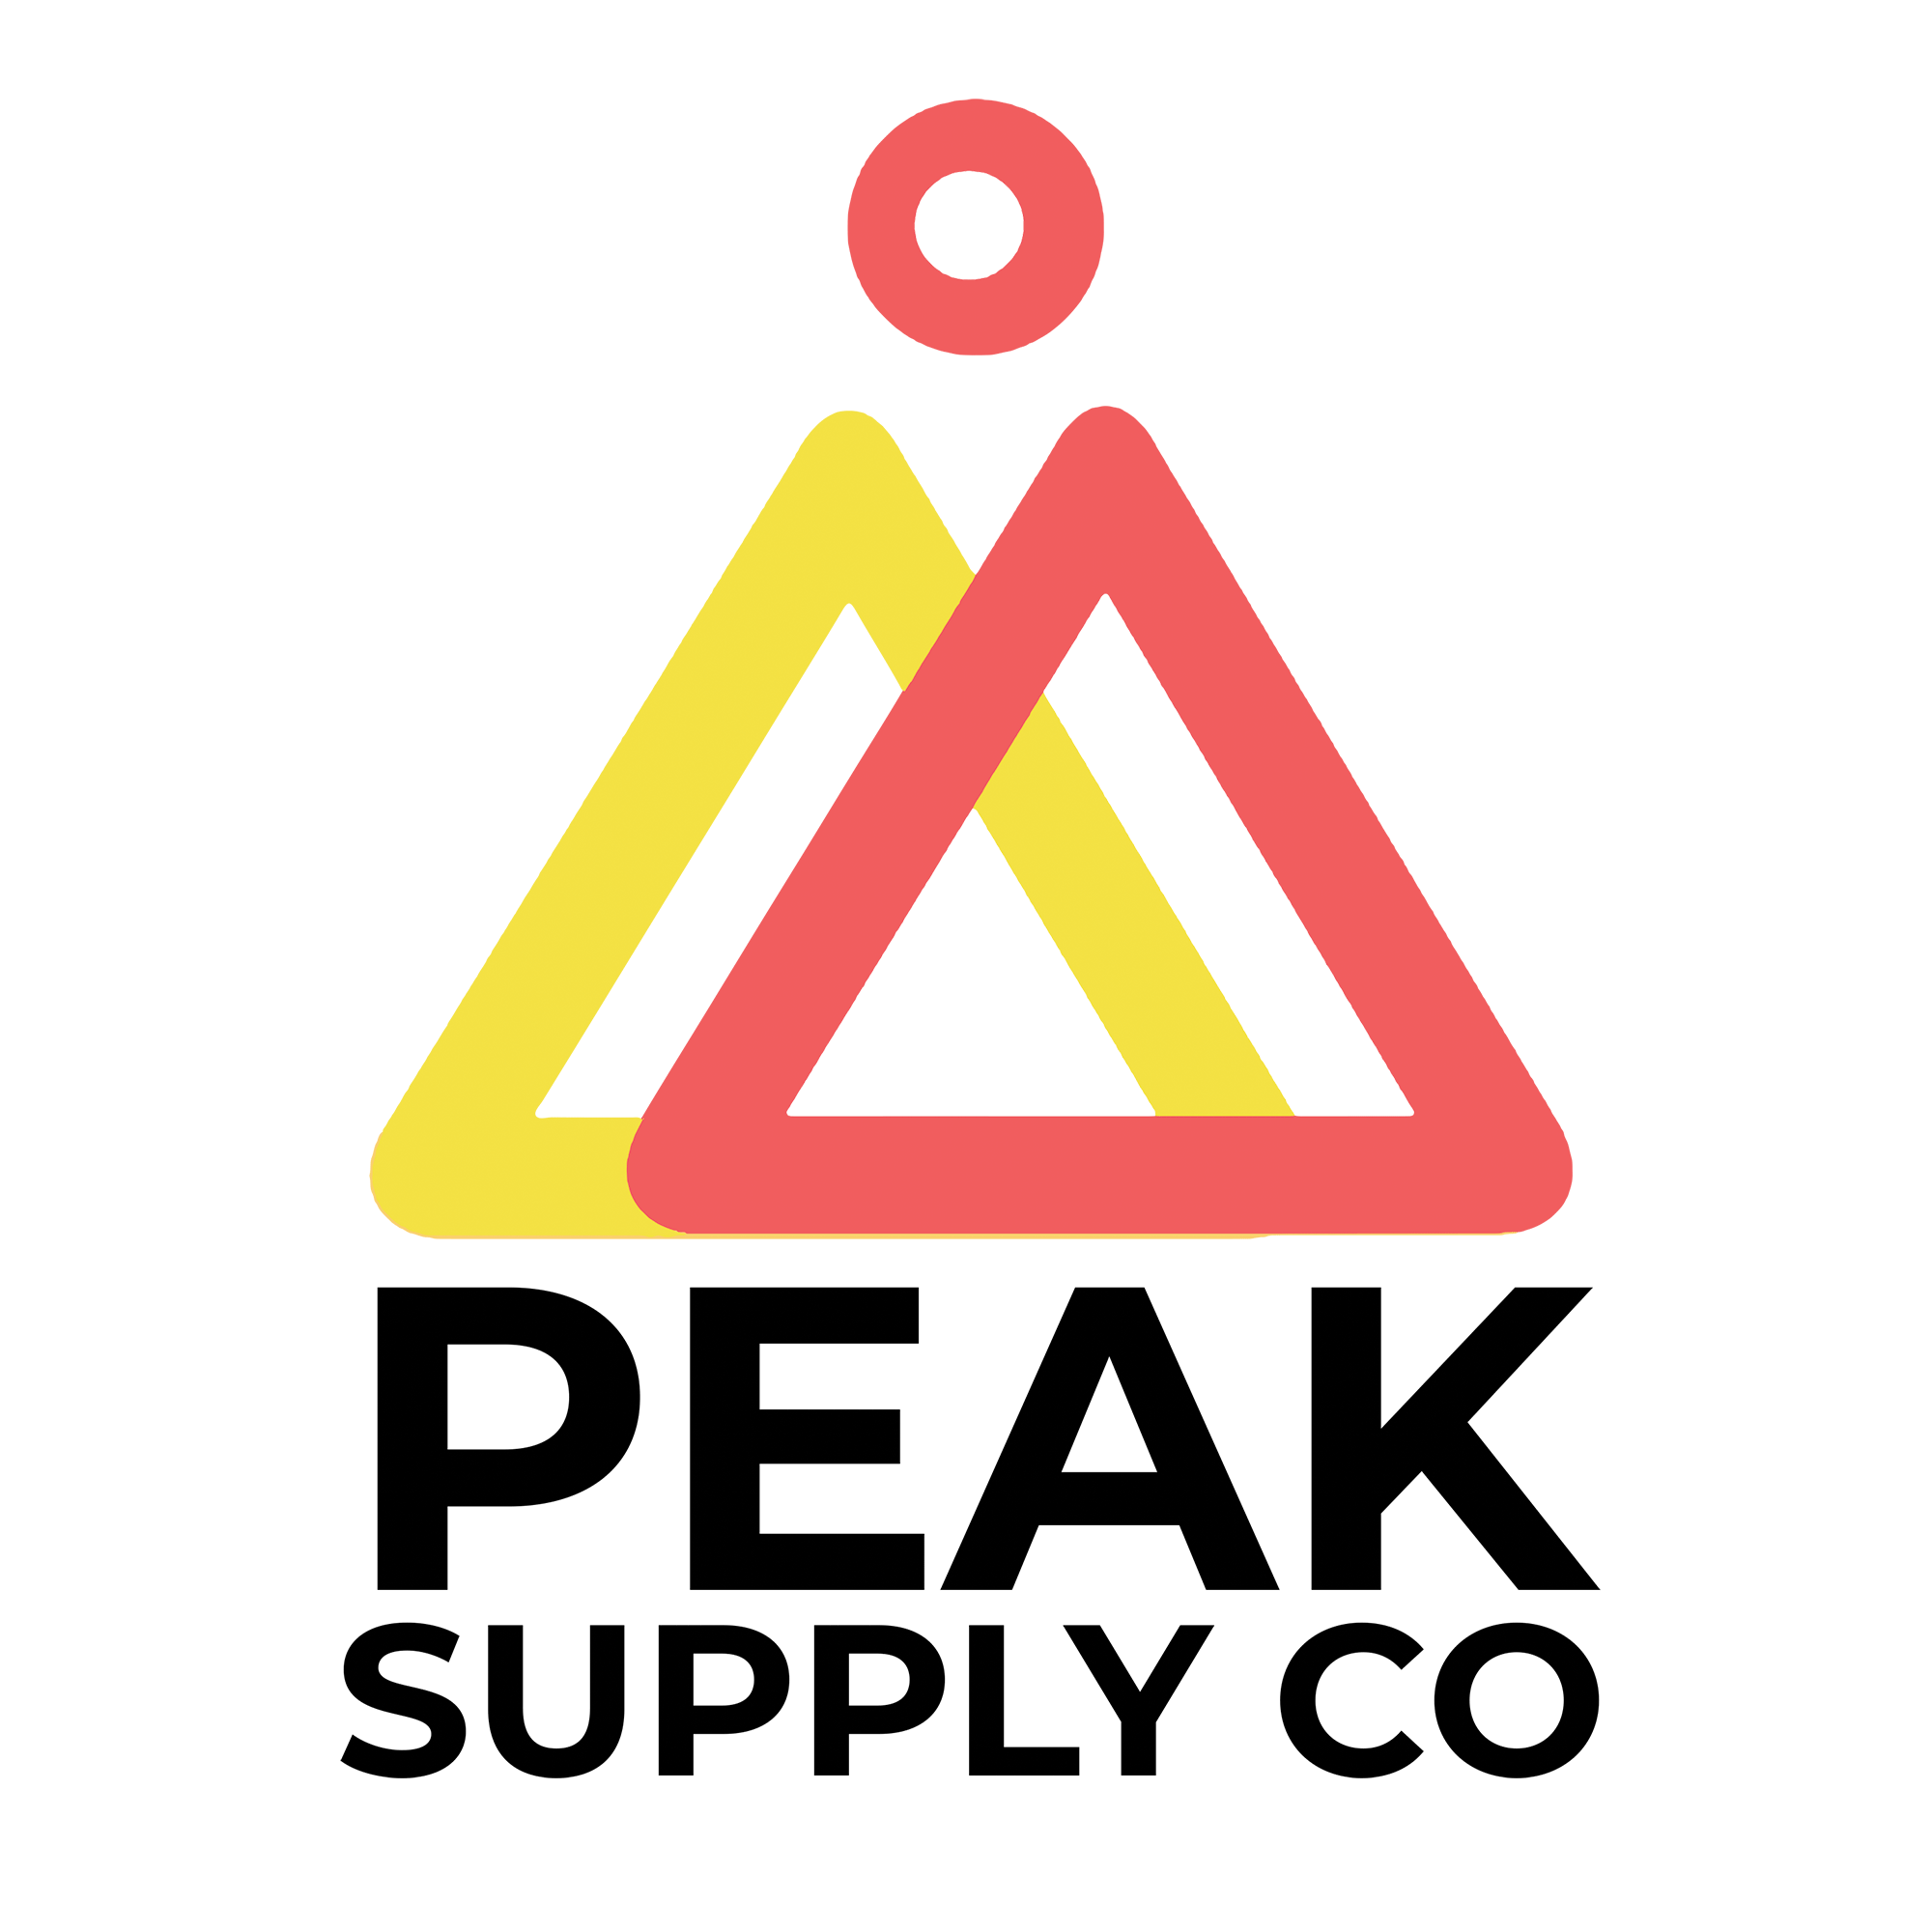 Logo for Peak Supply Co